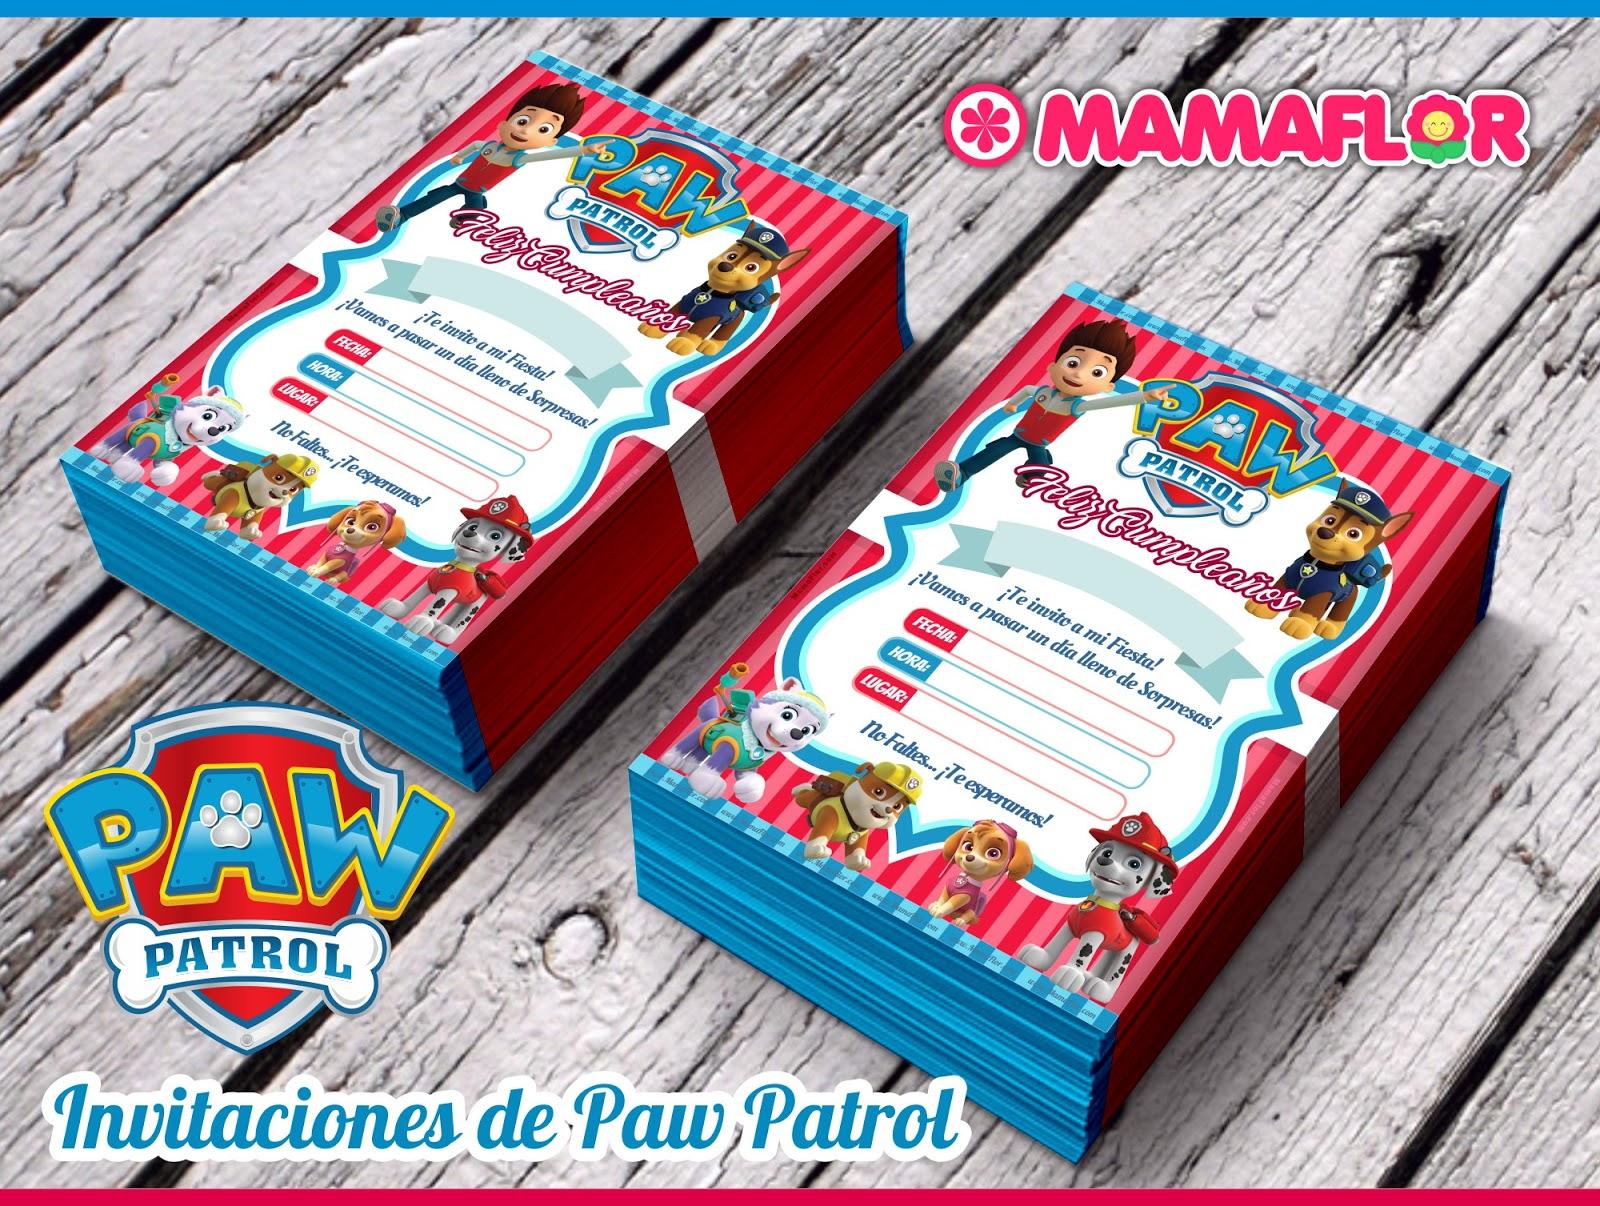 Invitaciones De La Patrulla Canina Para Editar Gratis Manualidades Mamaflor